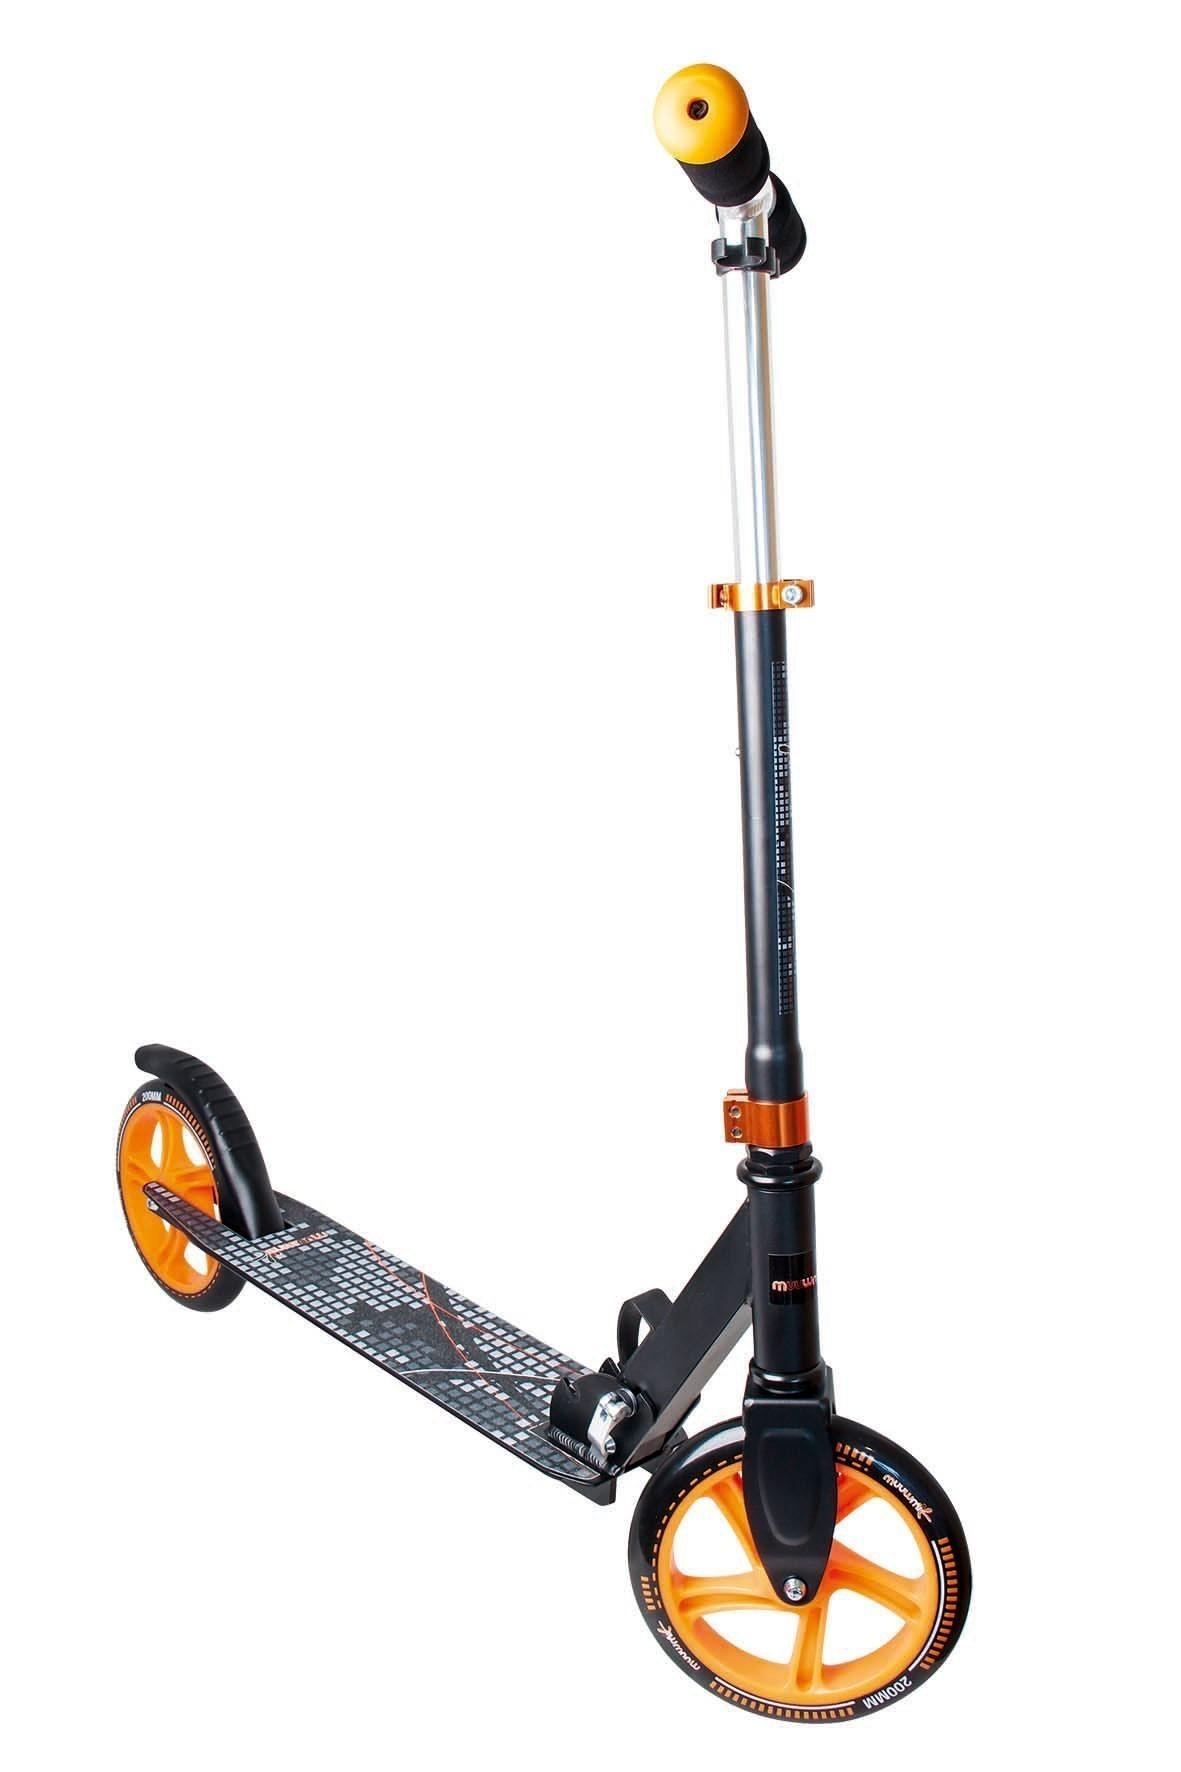 Alu Scooter / Cityroller Muuwmi 200mm schwarz-orange Bild 1